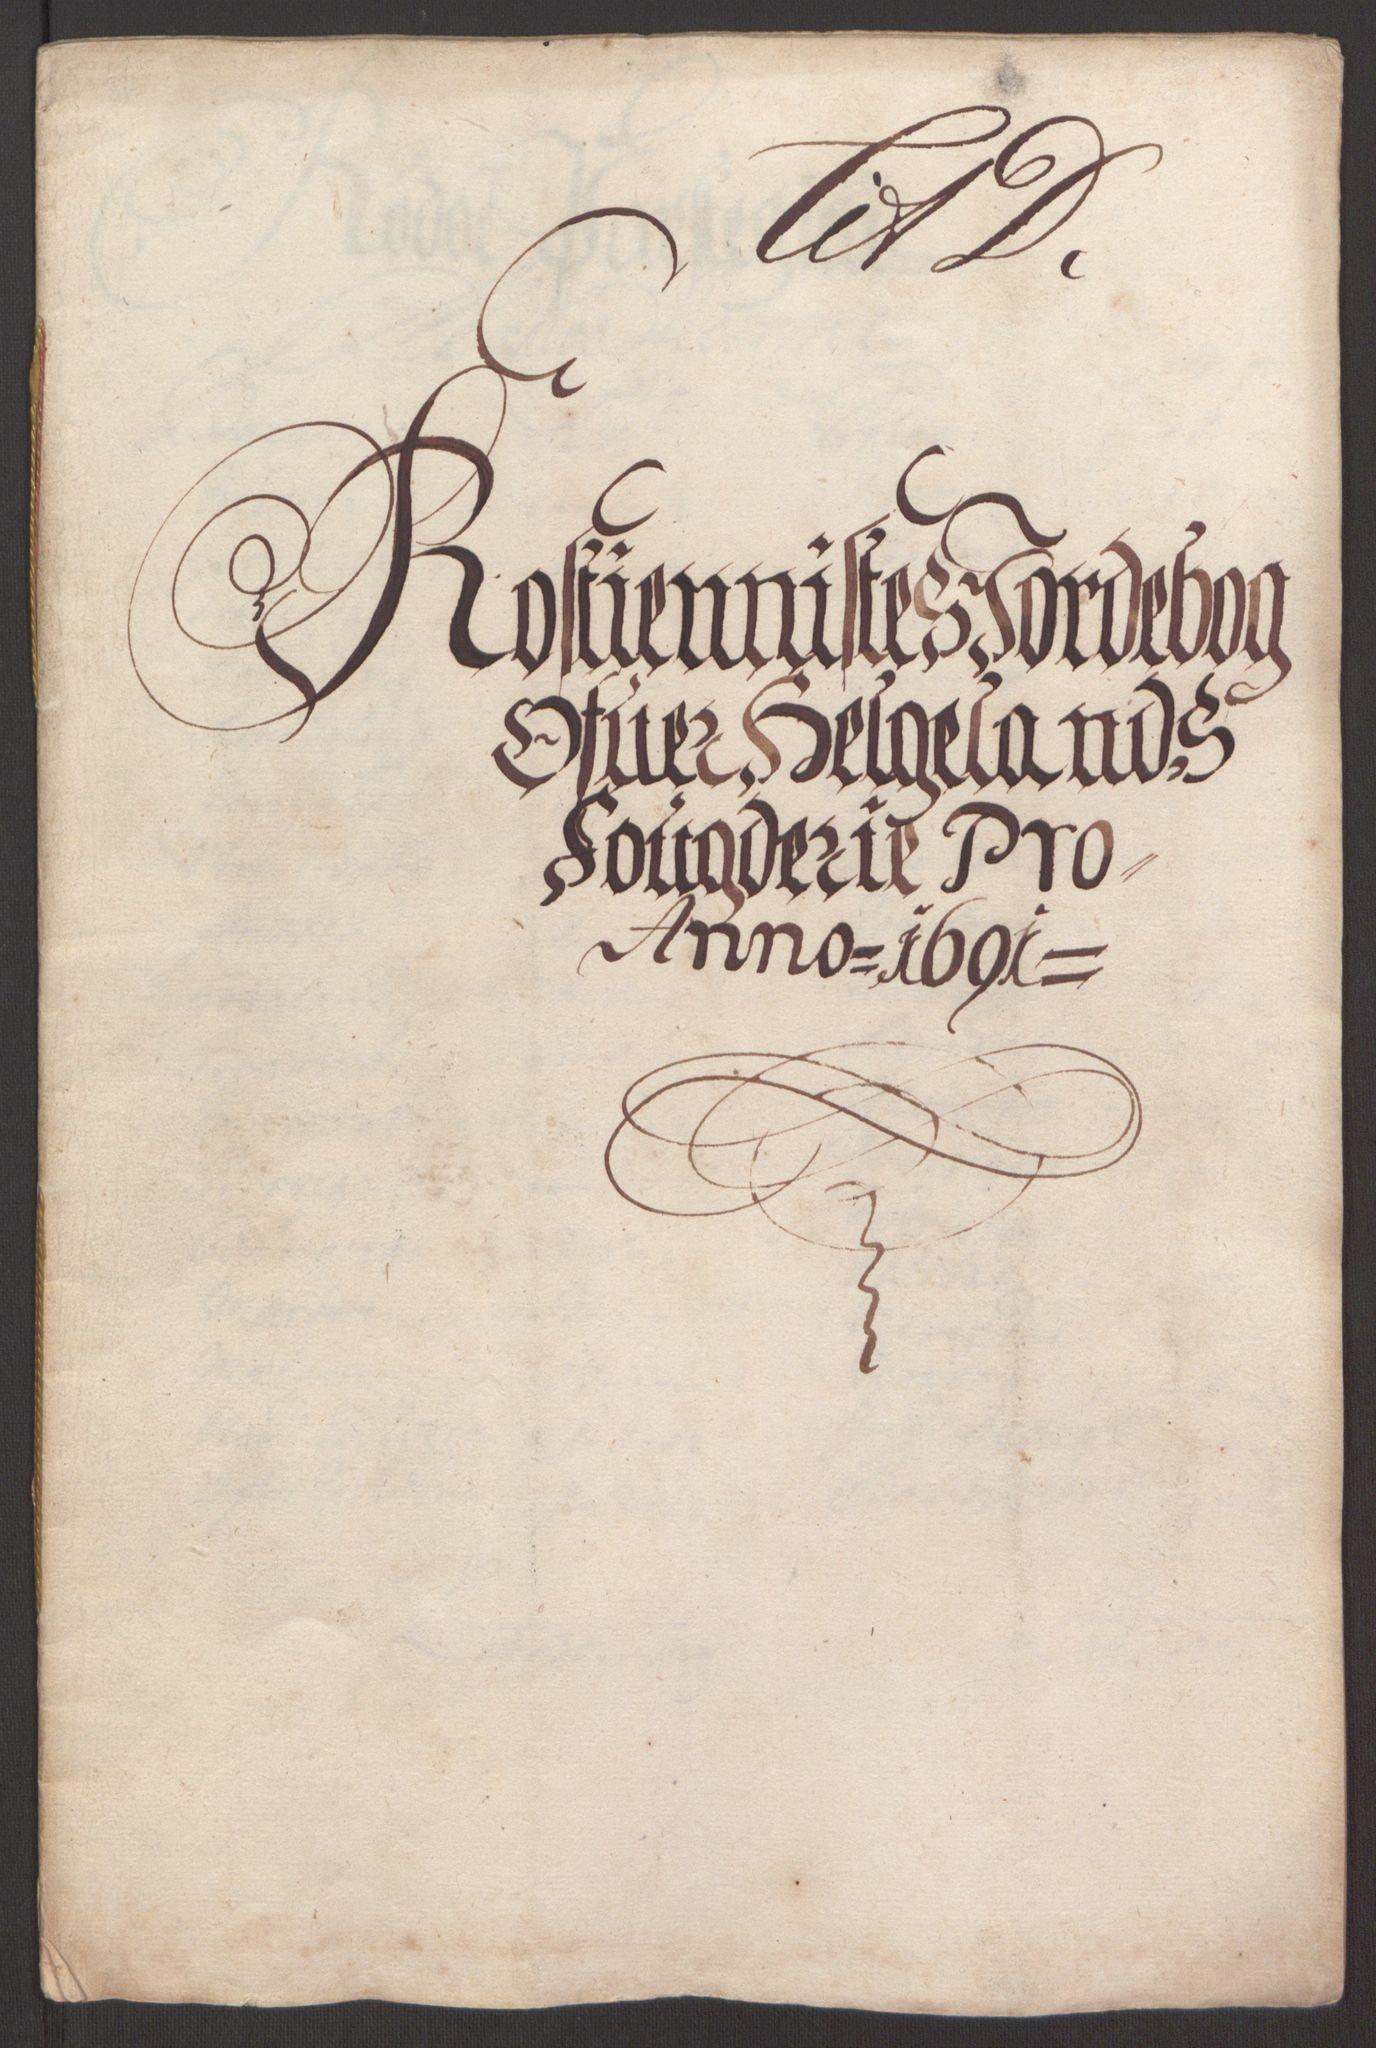 RA, Rentekammeret inntil 1814, Reviderte regnskaper, Fogderegnskap, R65/L4504: Fogderegnskap Helgeland, 1691-1692, s. 96